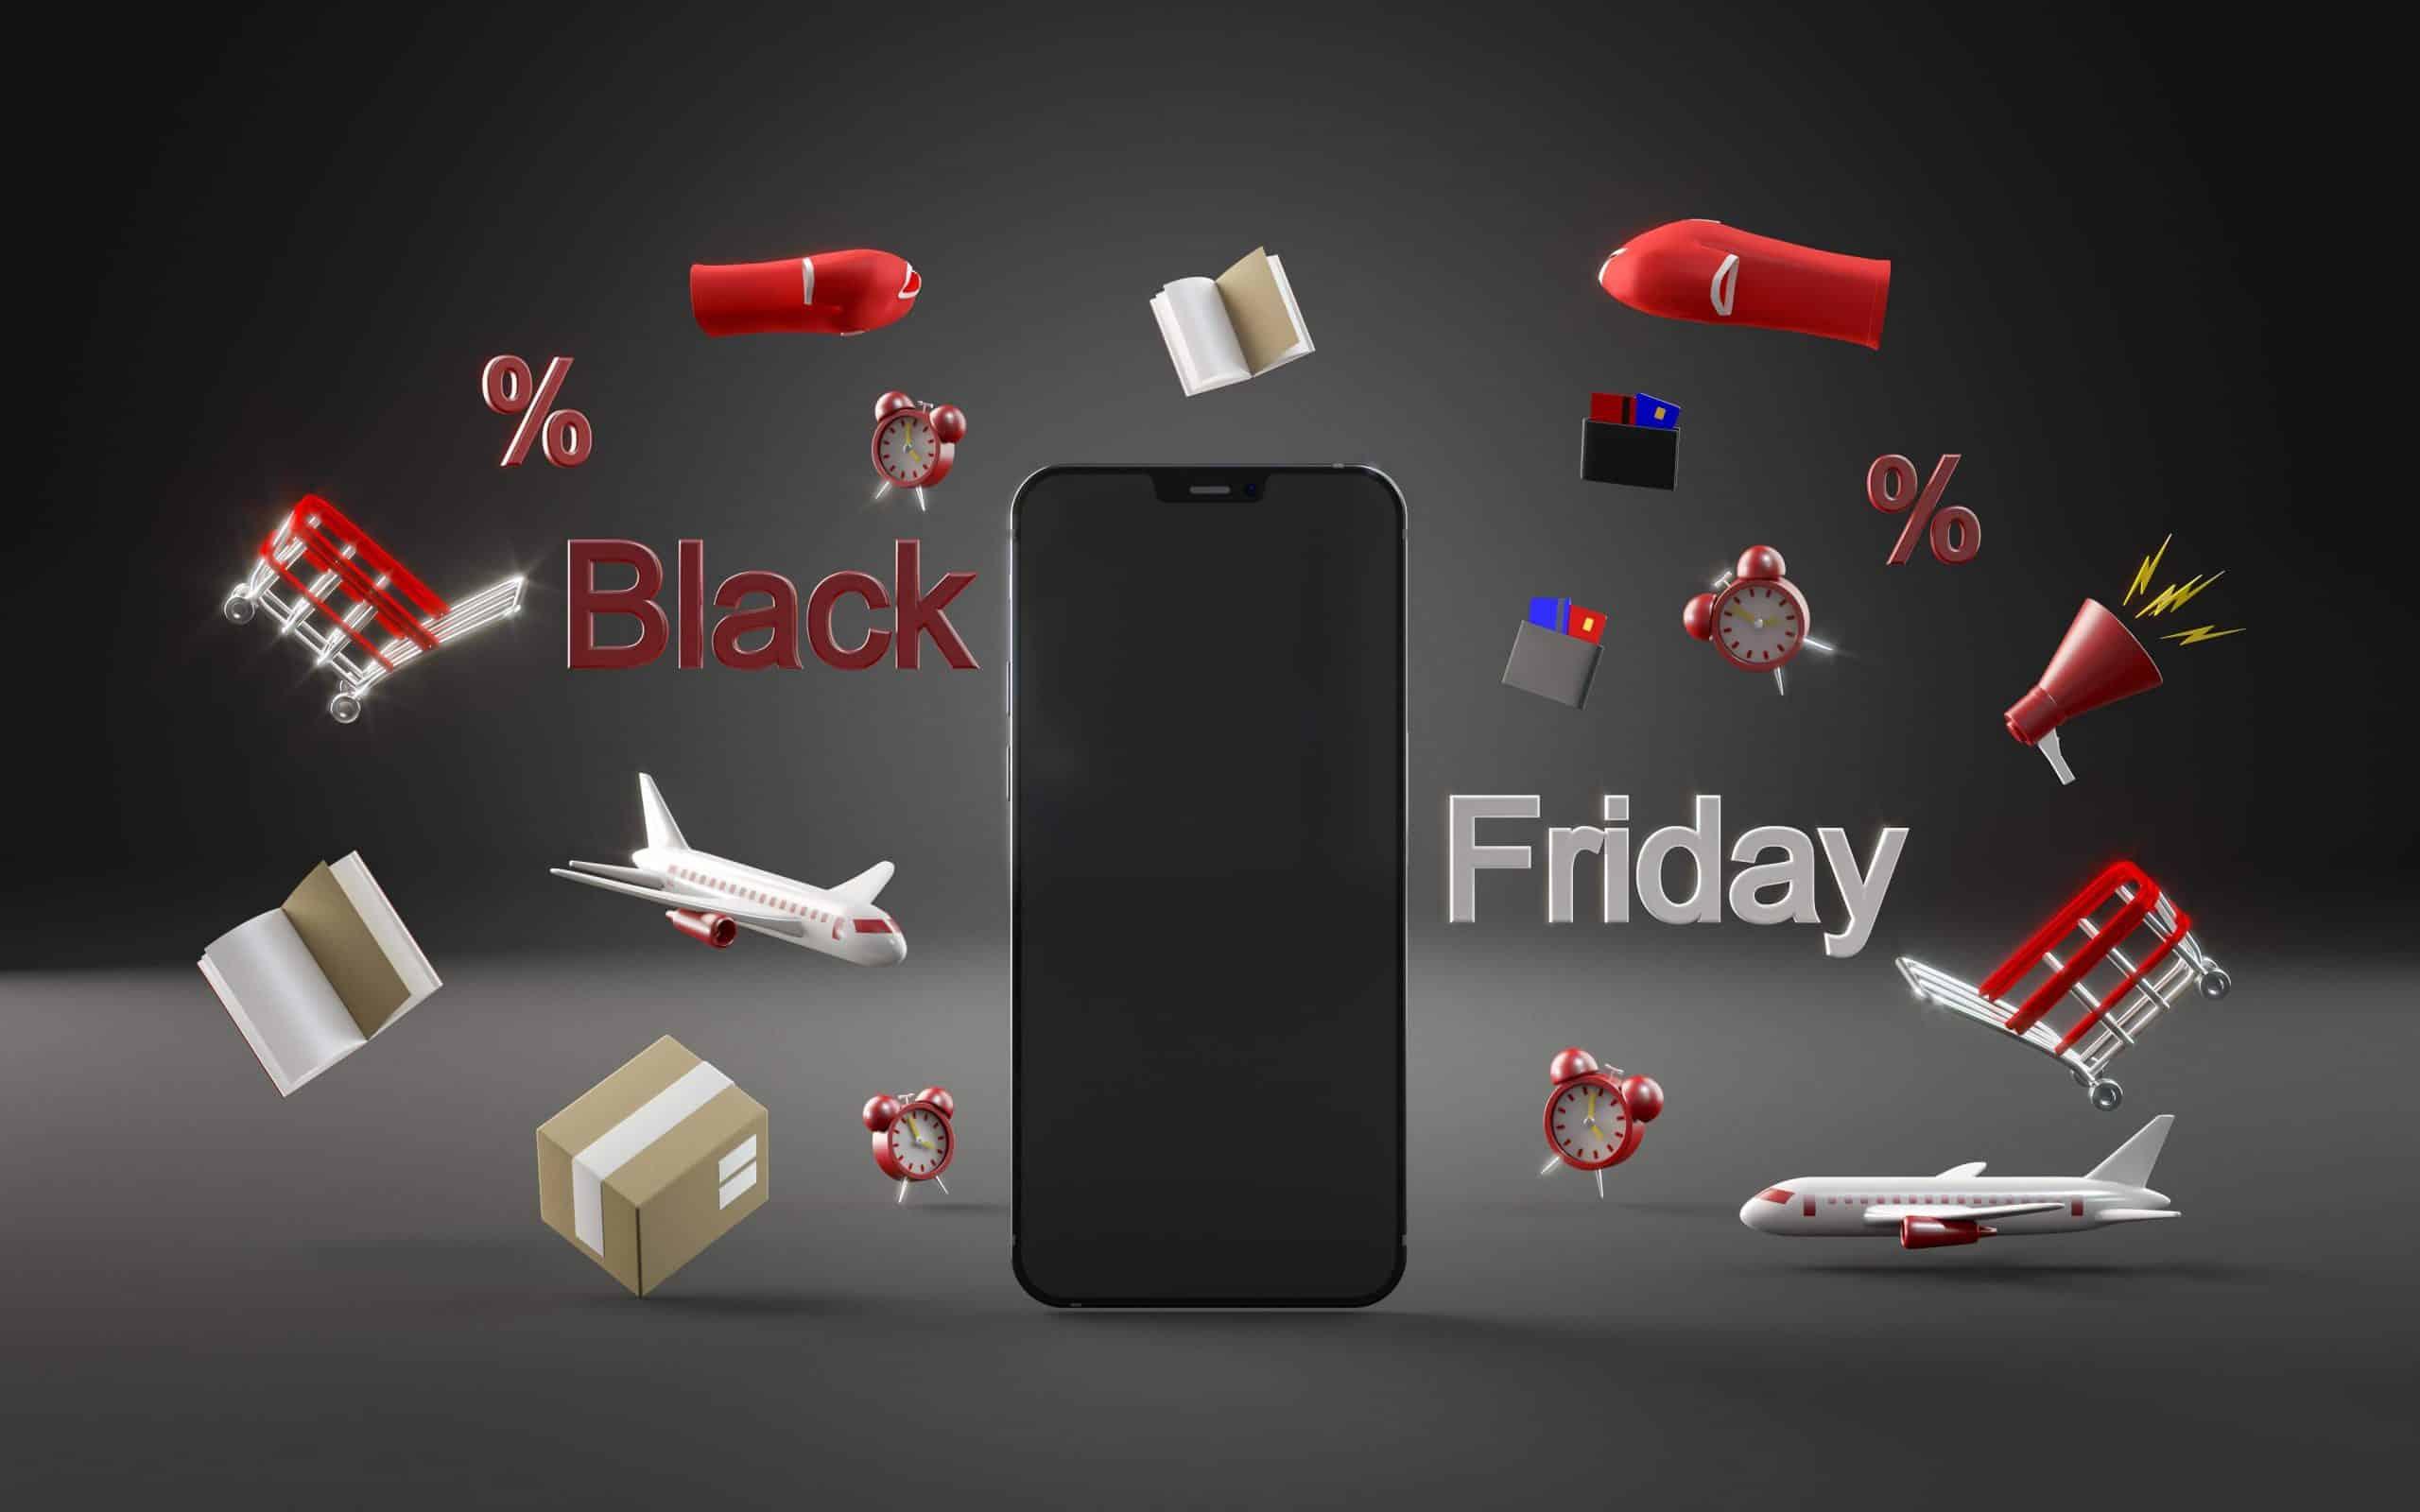 Black Friday: Nubank, Banco Inter e C6 Bank oferecem cashback e descontos de até 80%